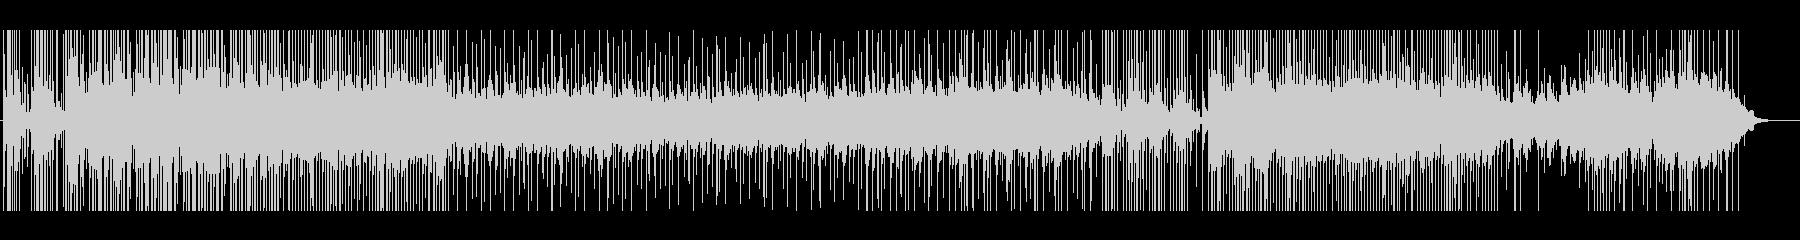 屋外。 Skylore:電子スコッ...の未再生の波形